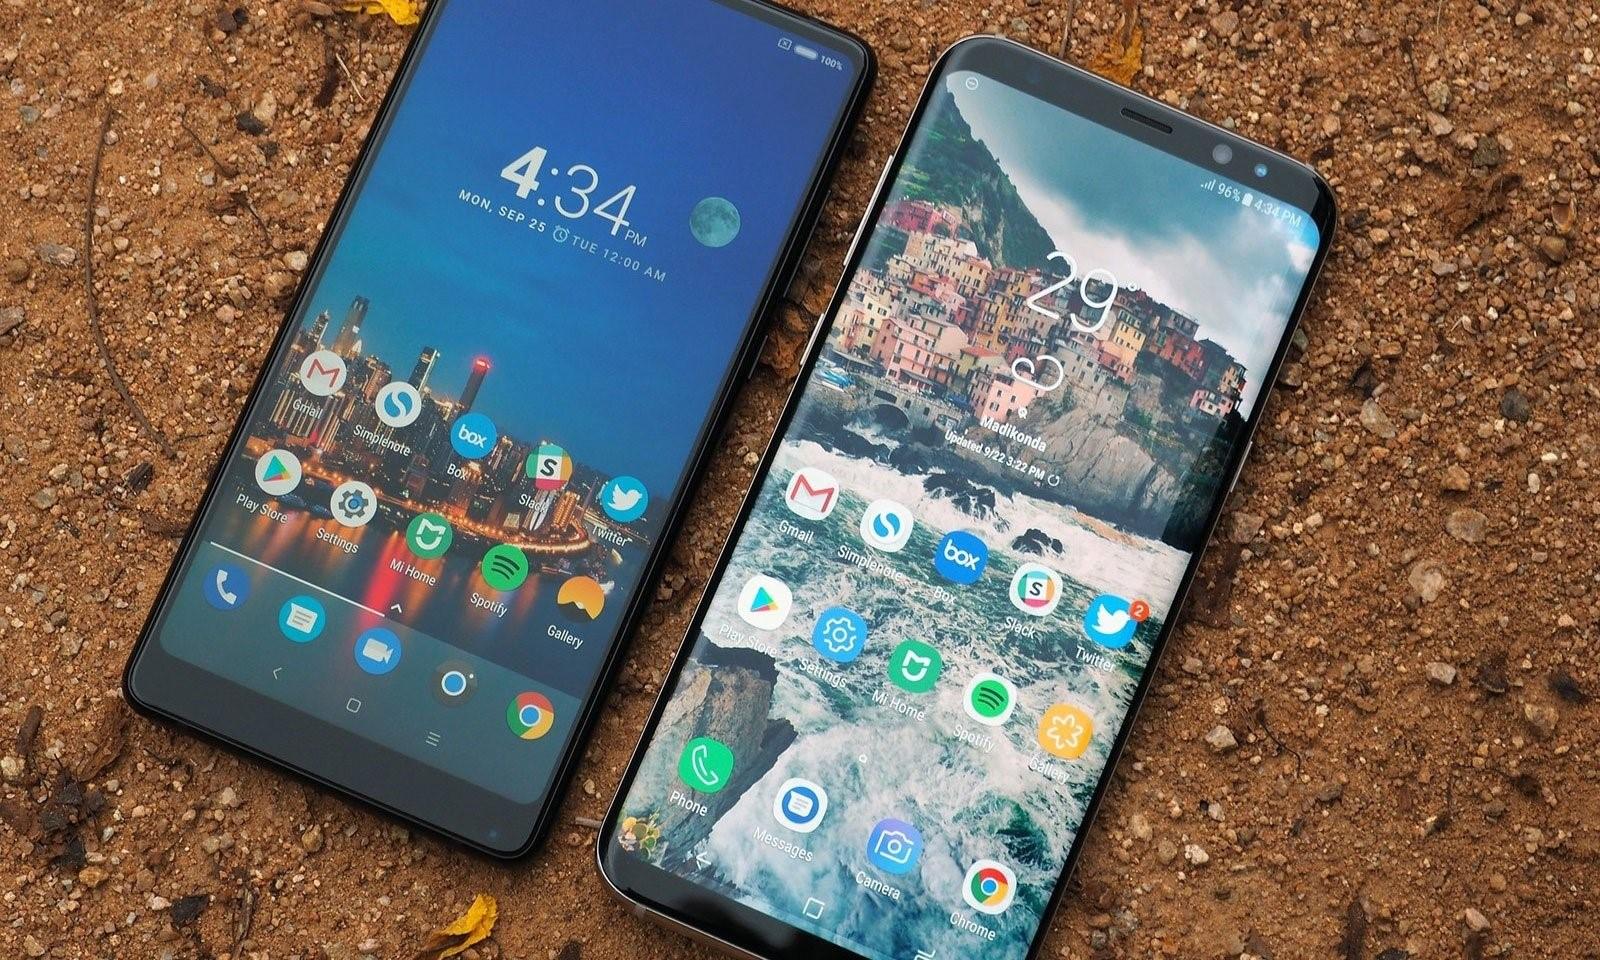 Рис. 3. Смартфоны с практически полностью отсутствующими рамками.